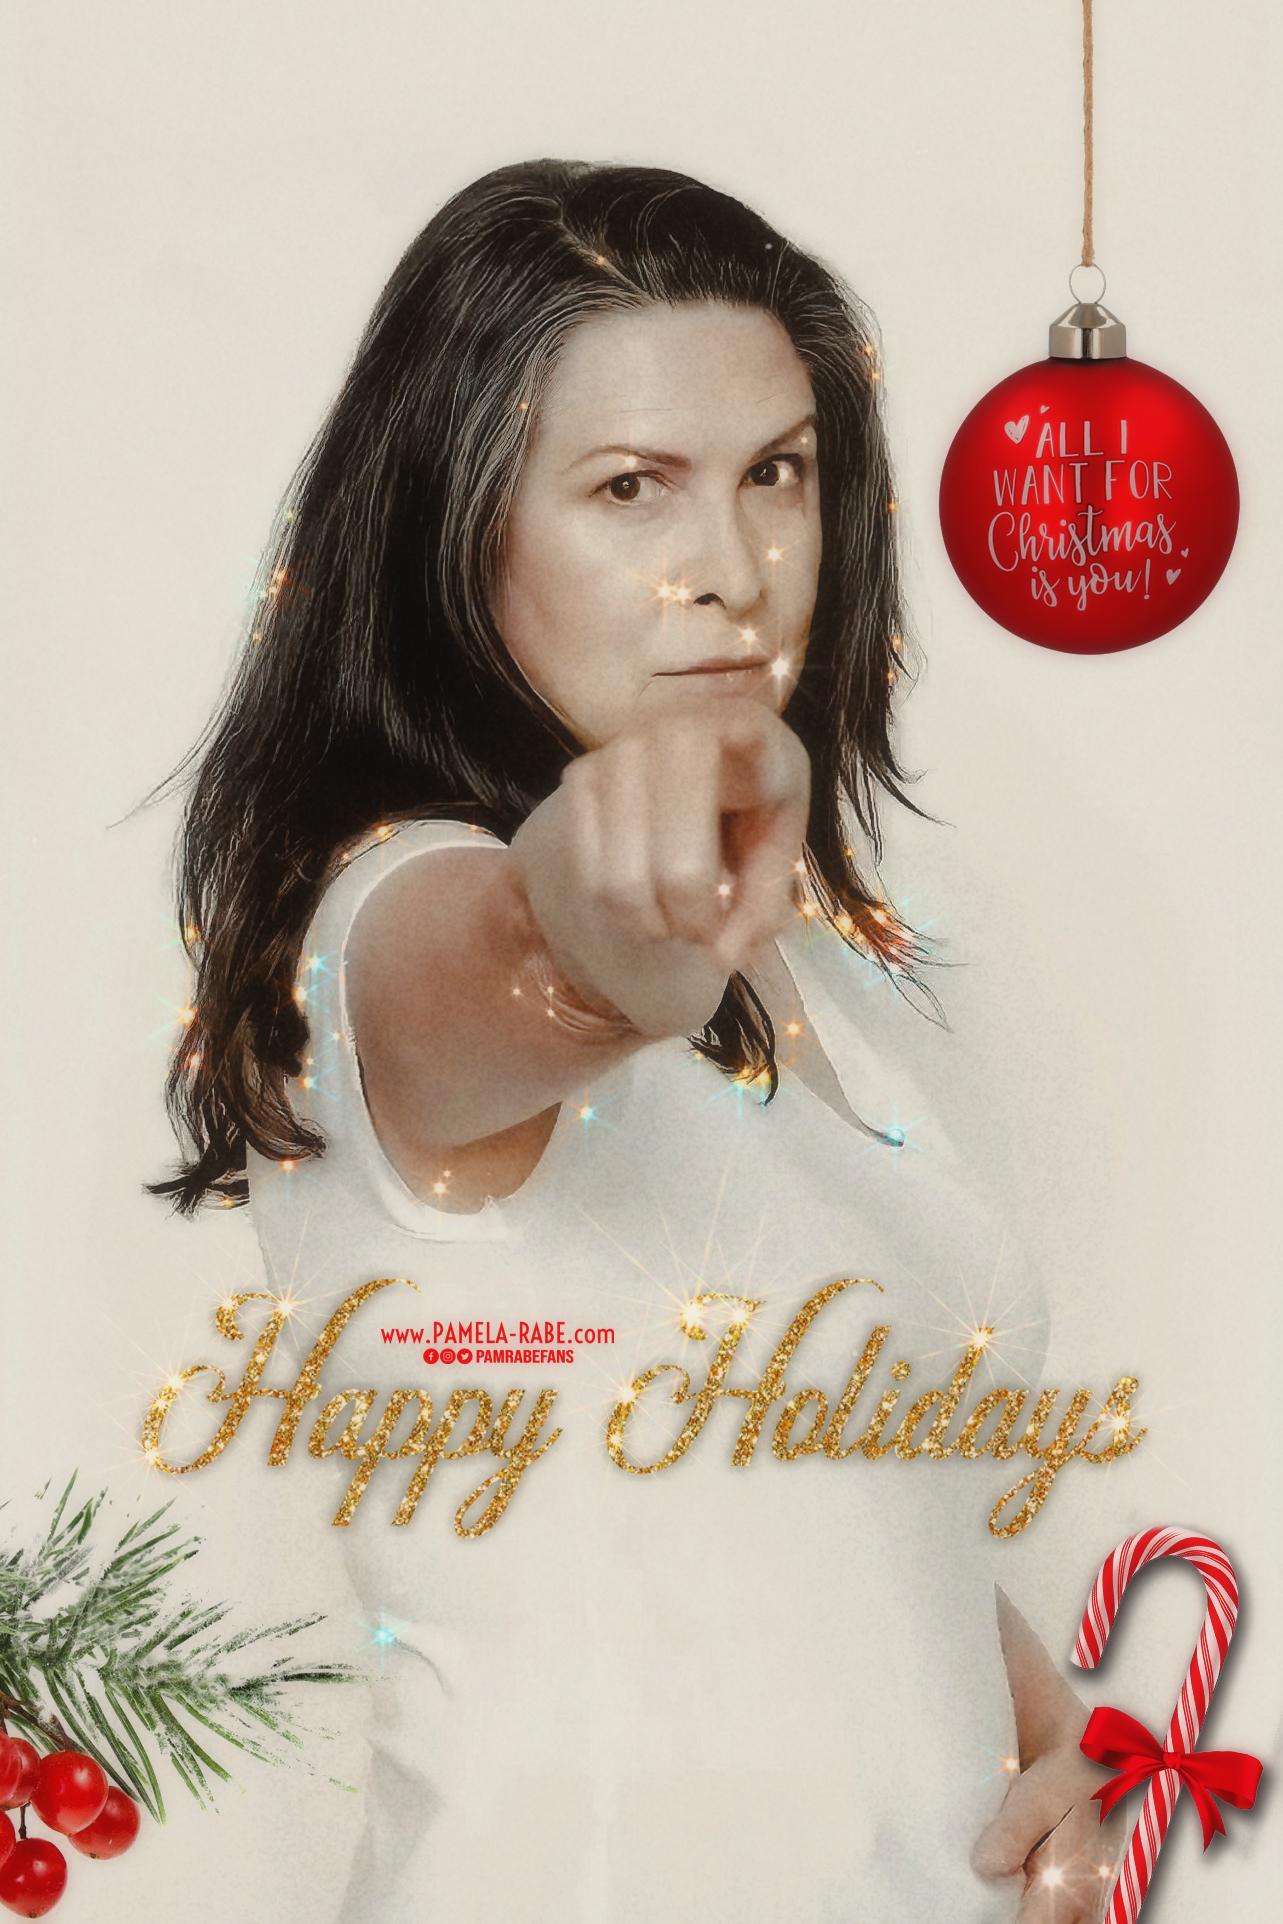 Happy Holidays 2020 from Sarina | Pamela-Rabe.com